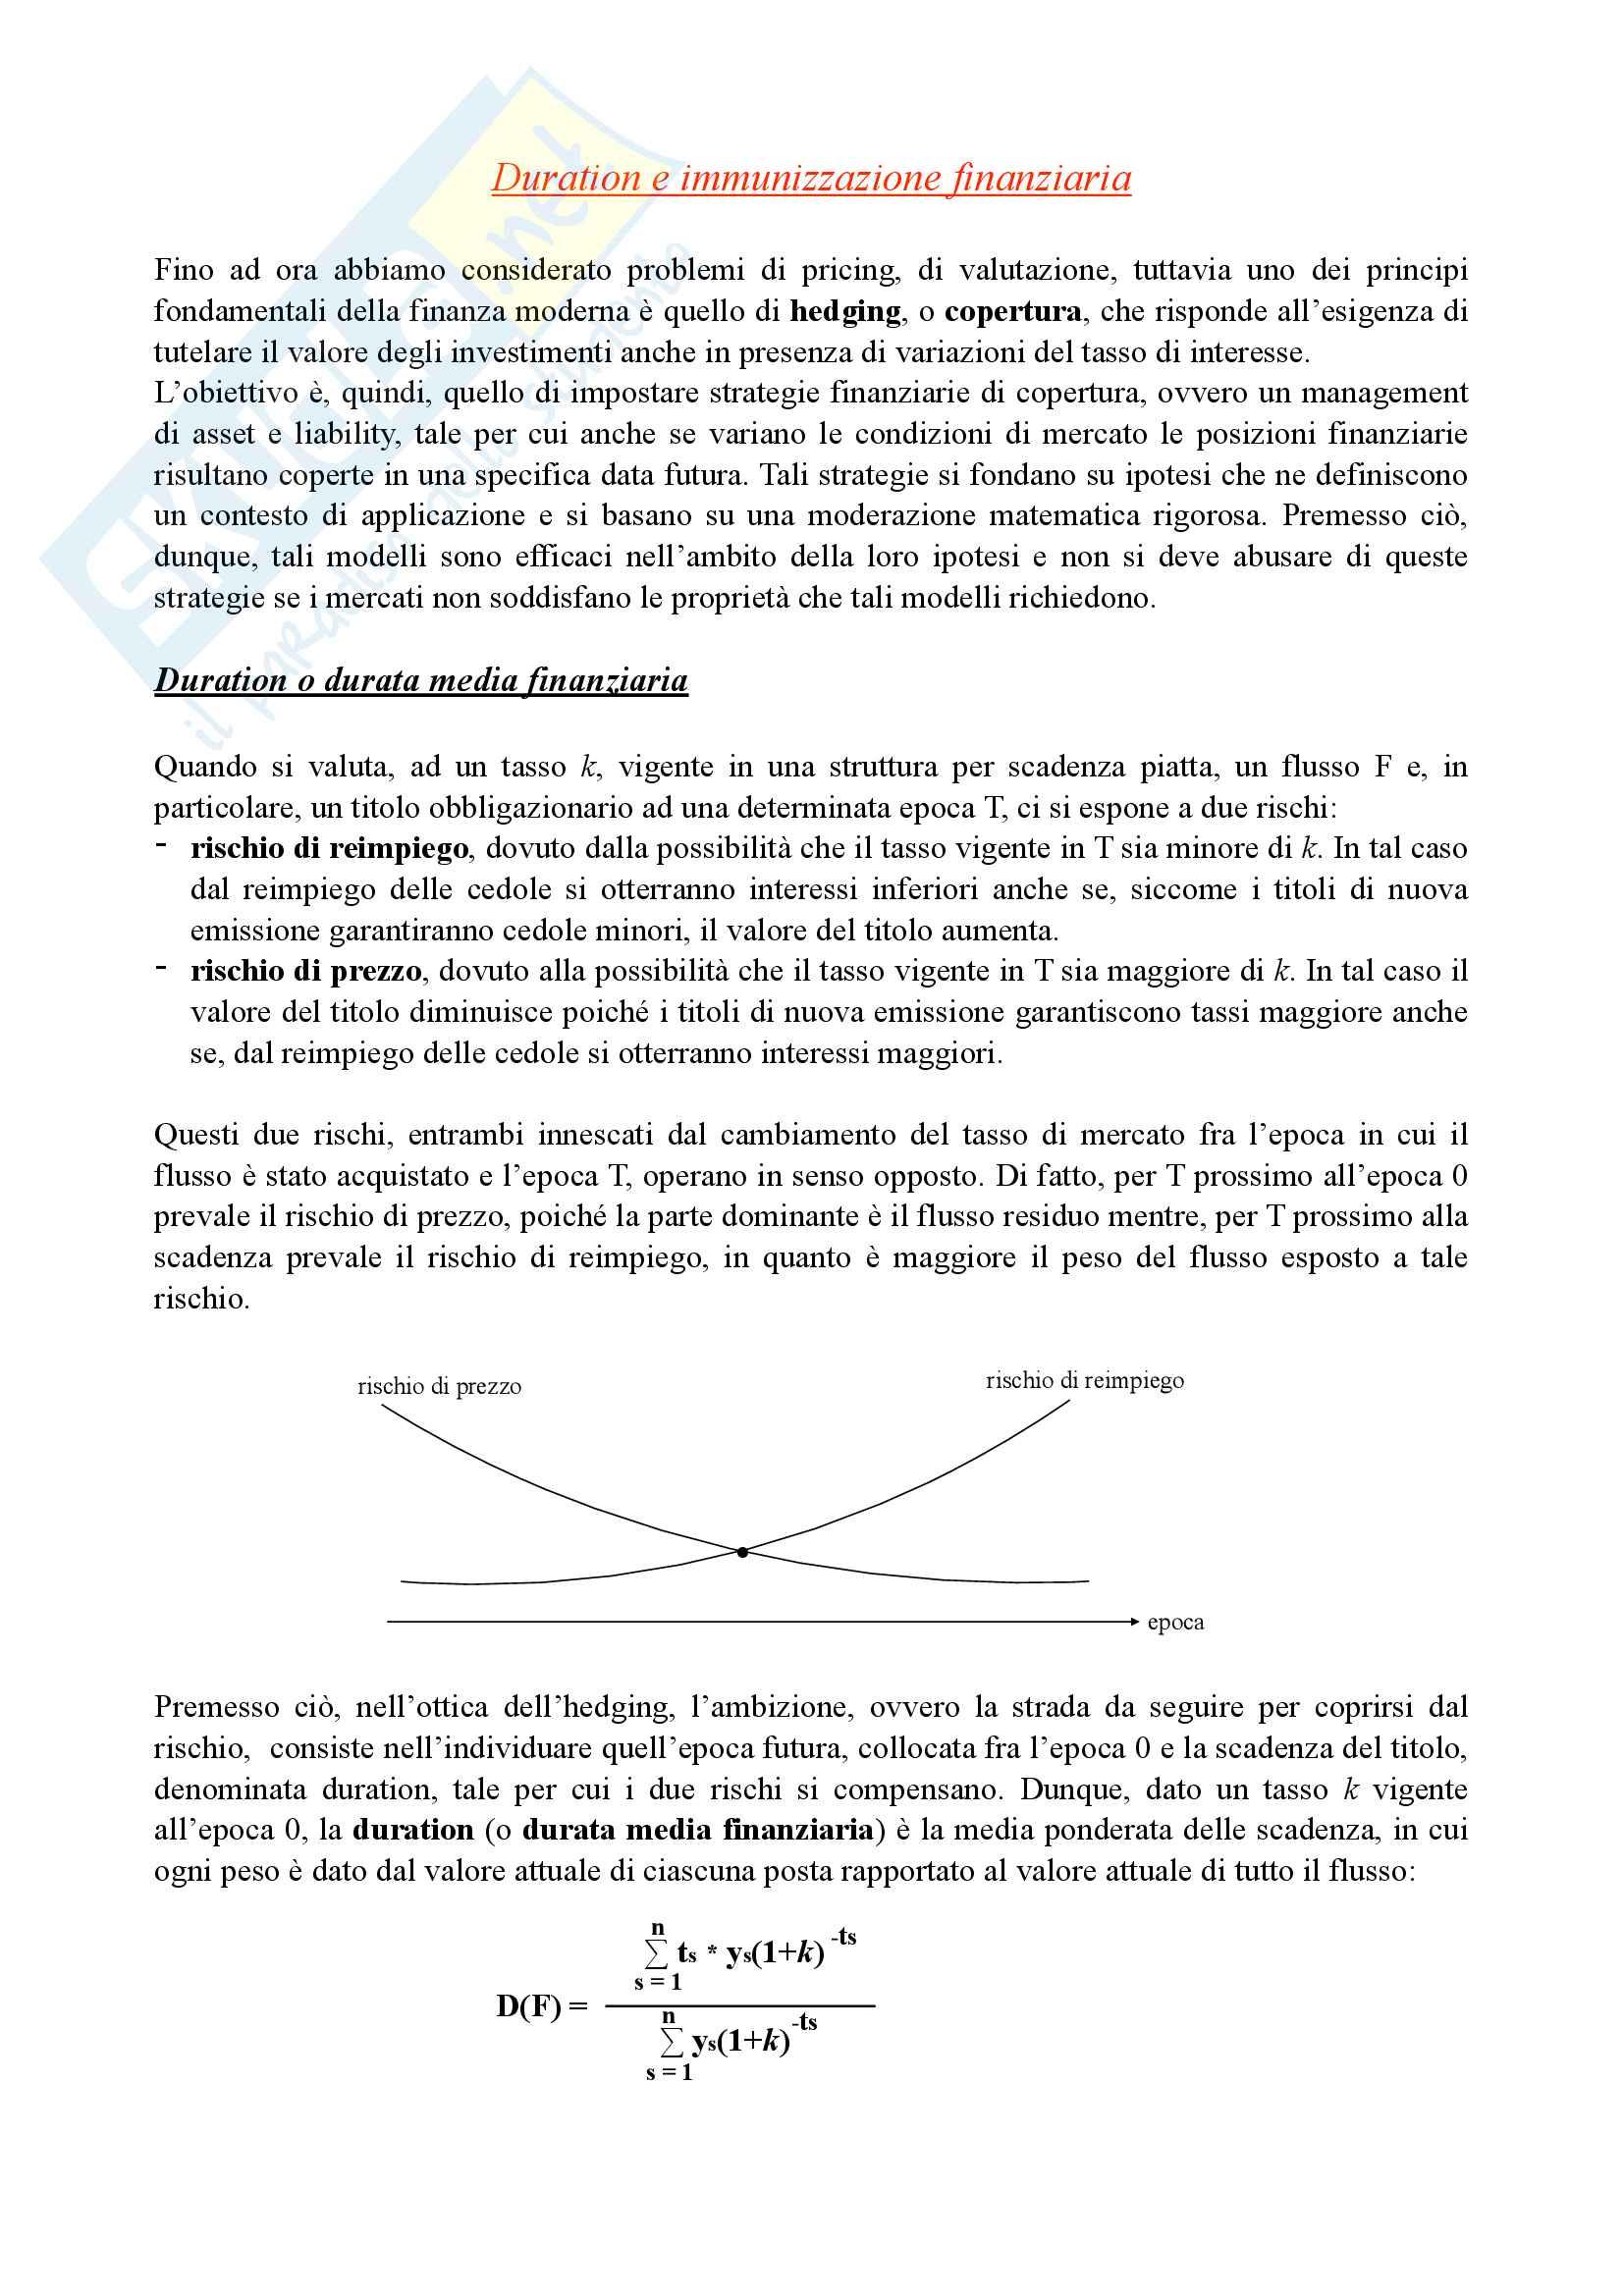 Matematica finanziaria, secondo parziale Pag. 11